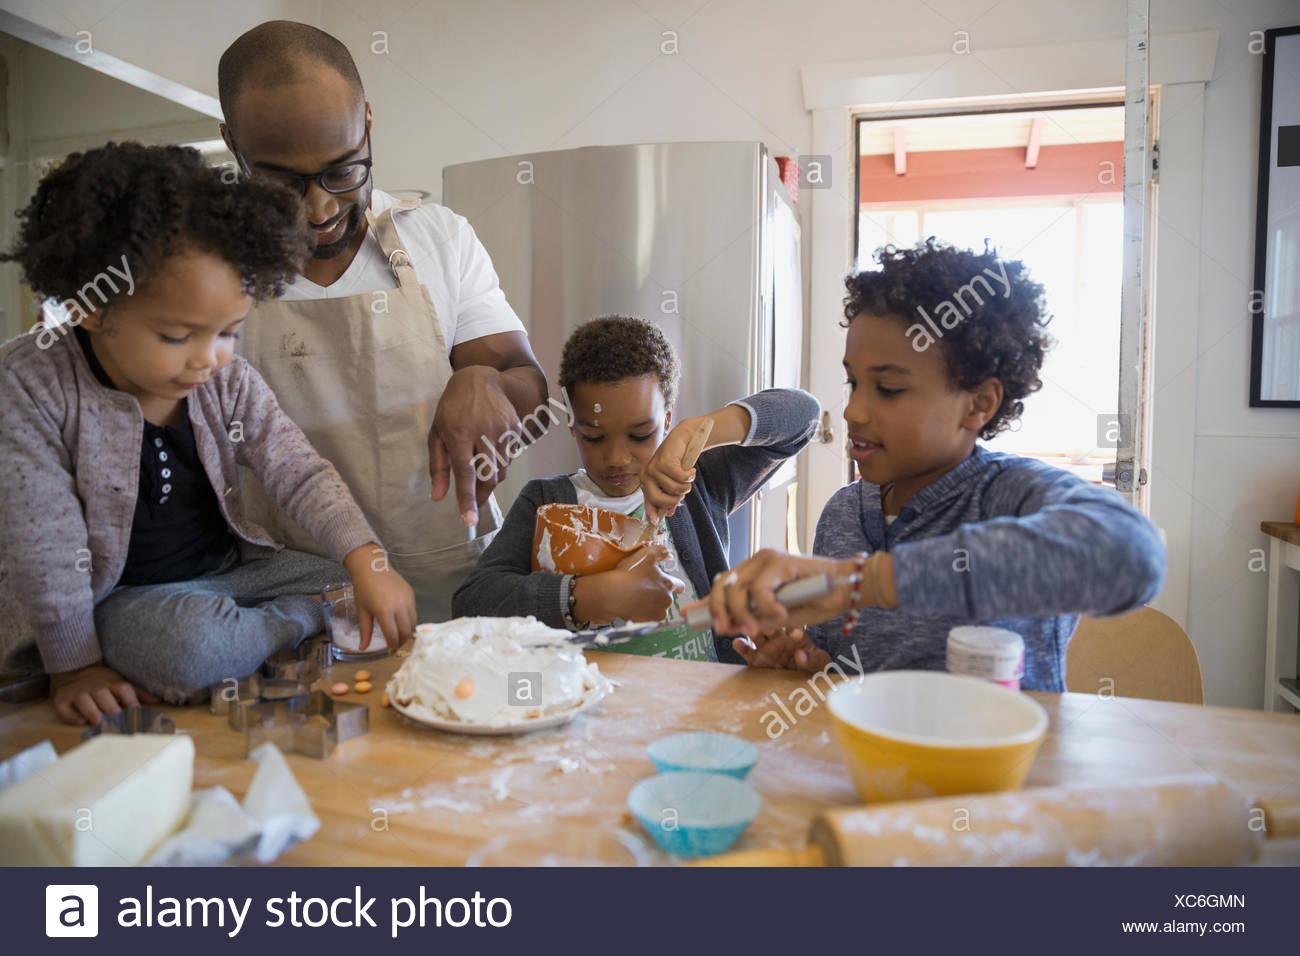 Vater Und Kinder Backen Kuchen In Kuche Stockfoto Bild 282886597